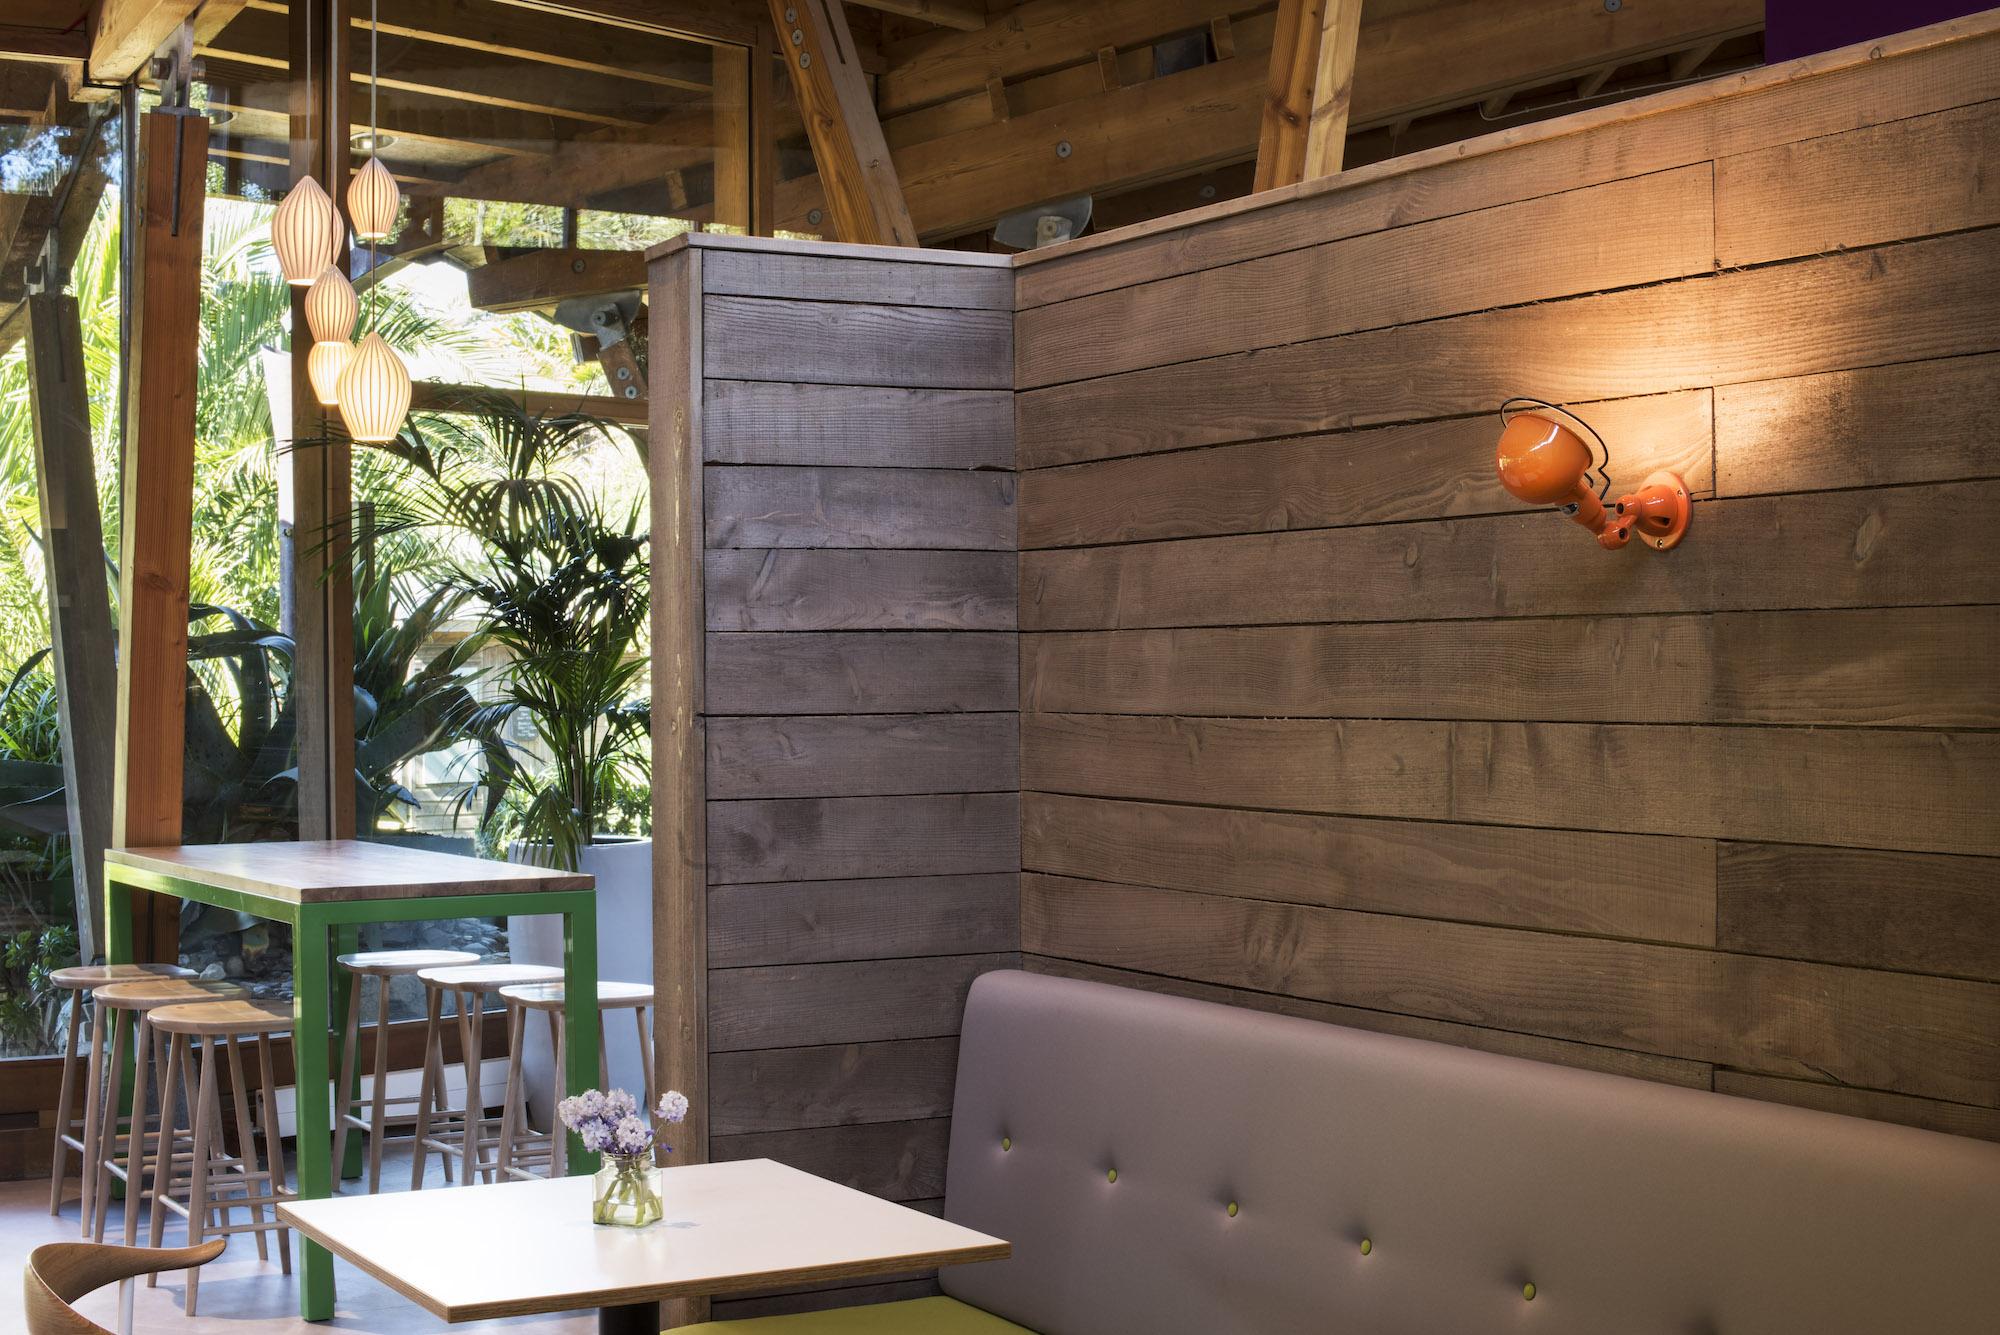 eleanor-bell-restaurant-lighting-trebah-cafe-led-mood-lighting.jpg